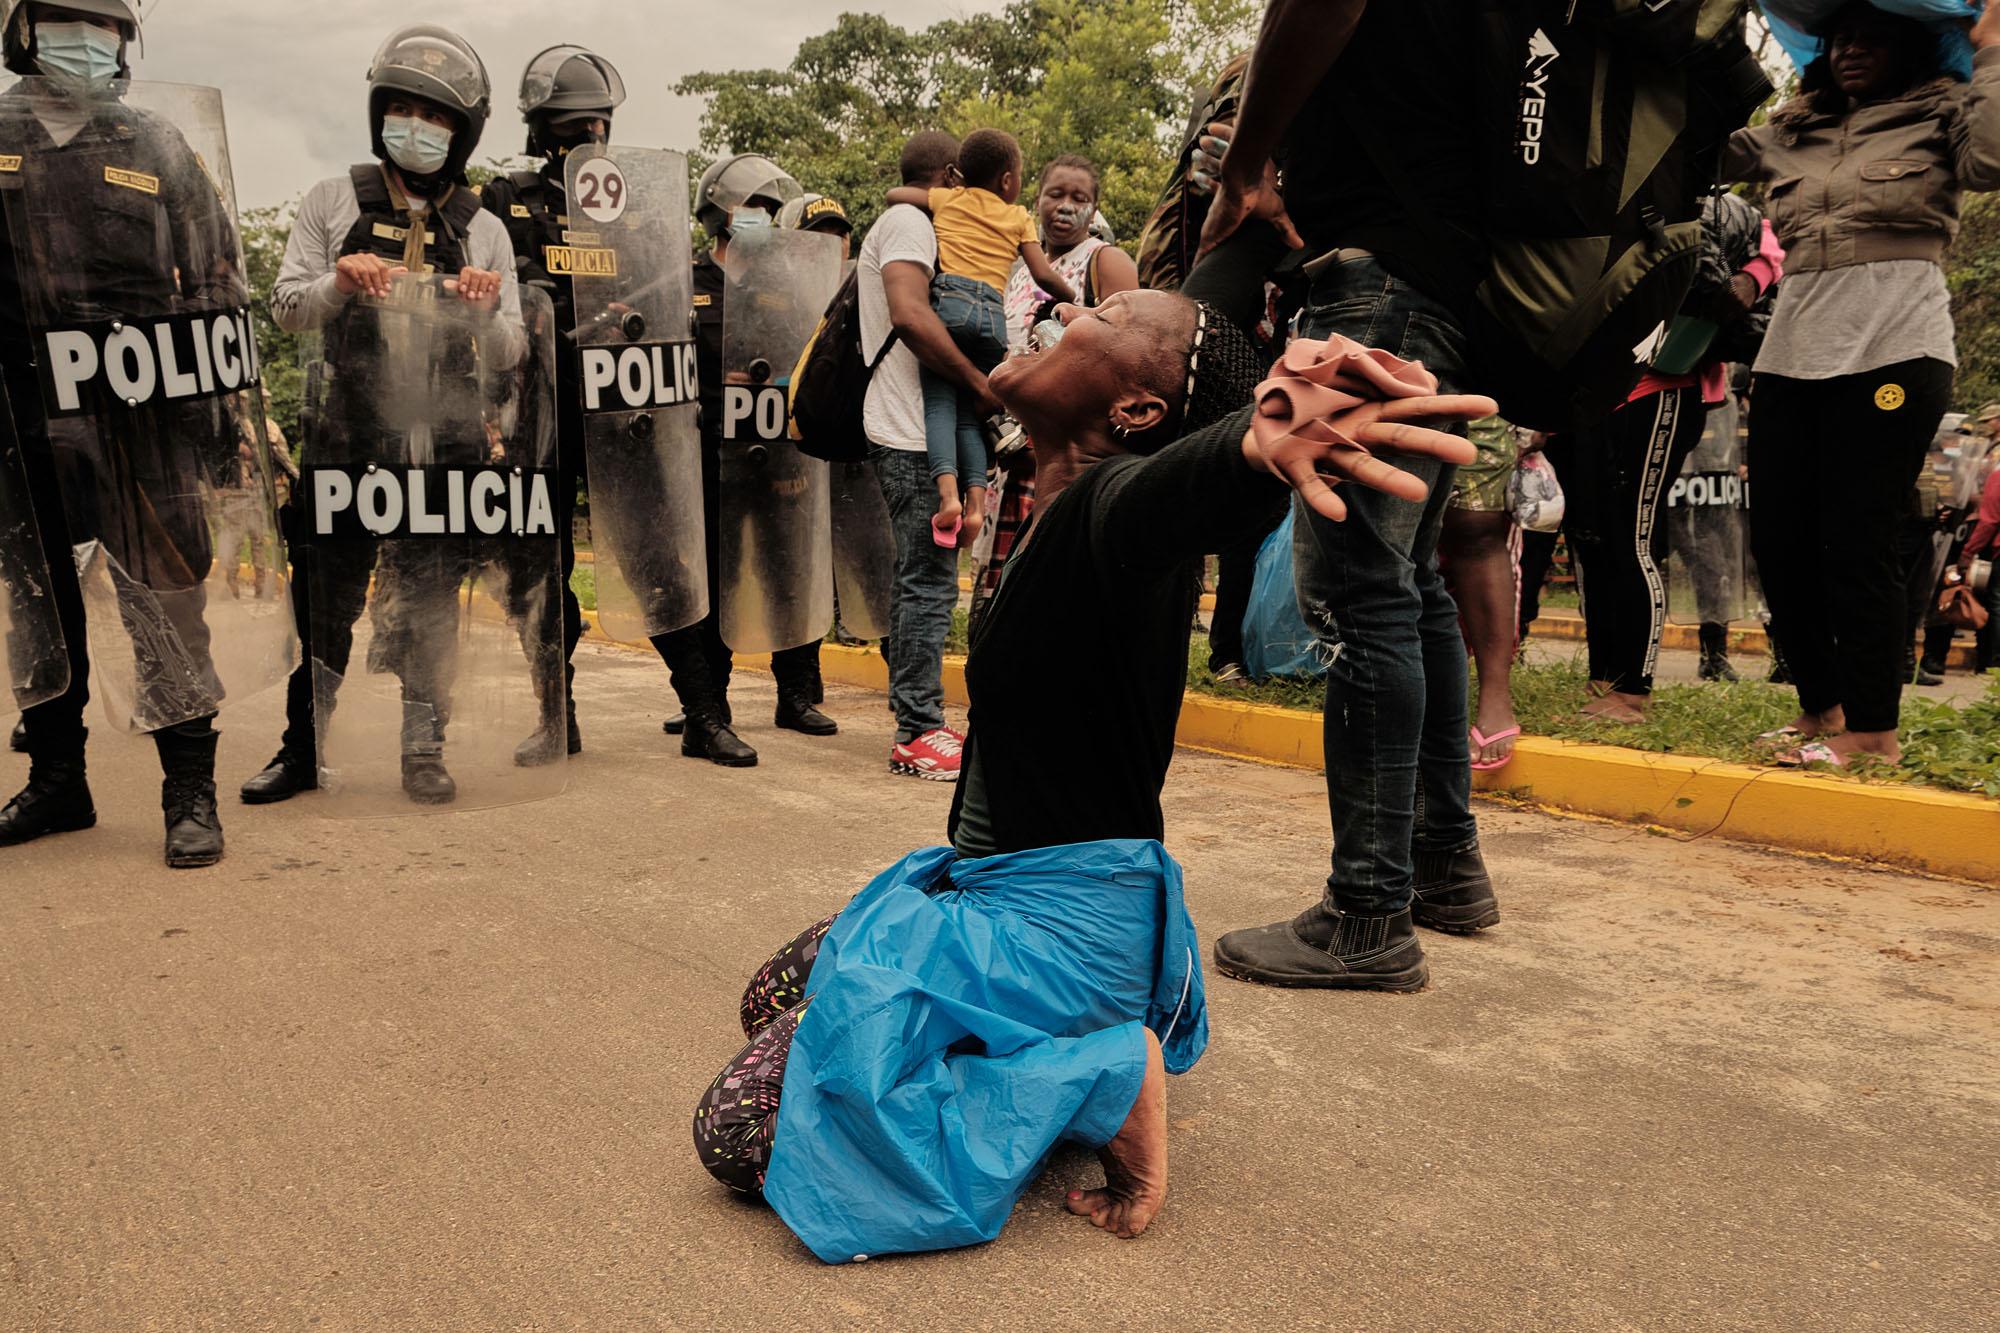 Justiça pede explicação ao governo Bolsonaro sobre crise na fronteira do Peru